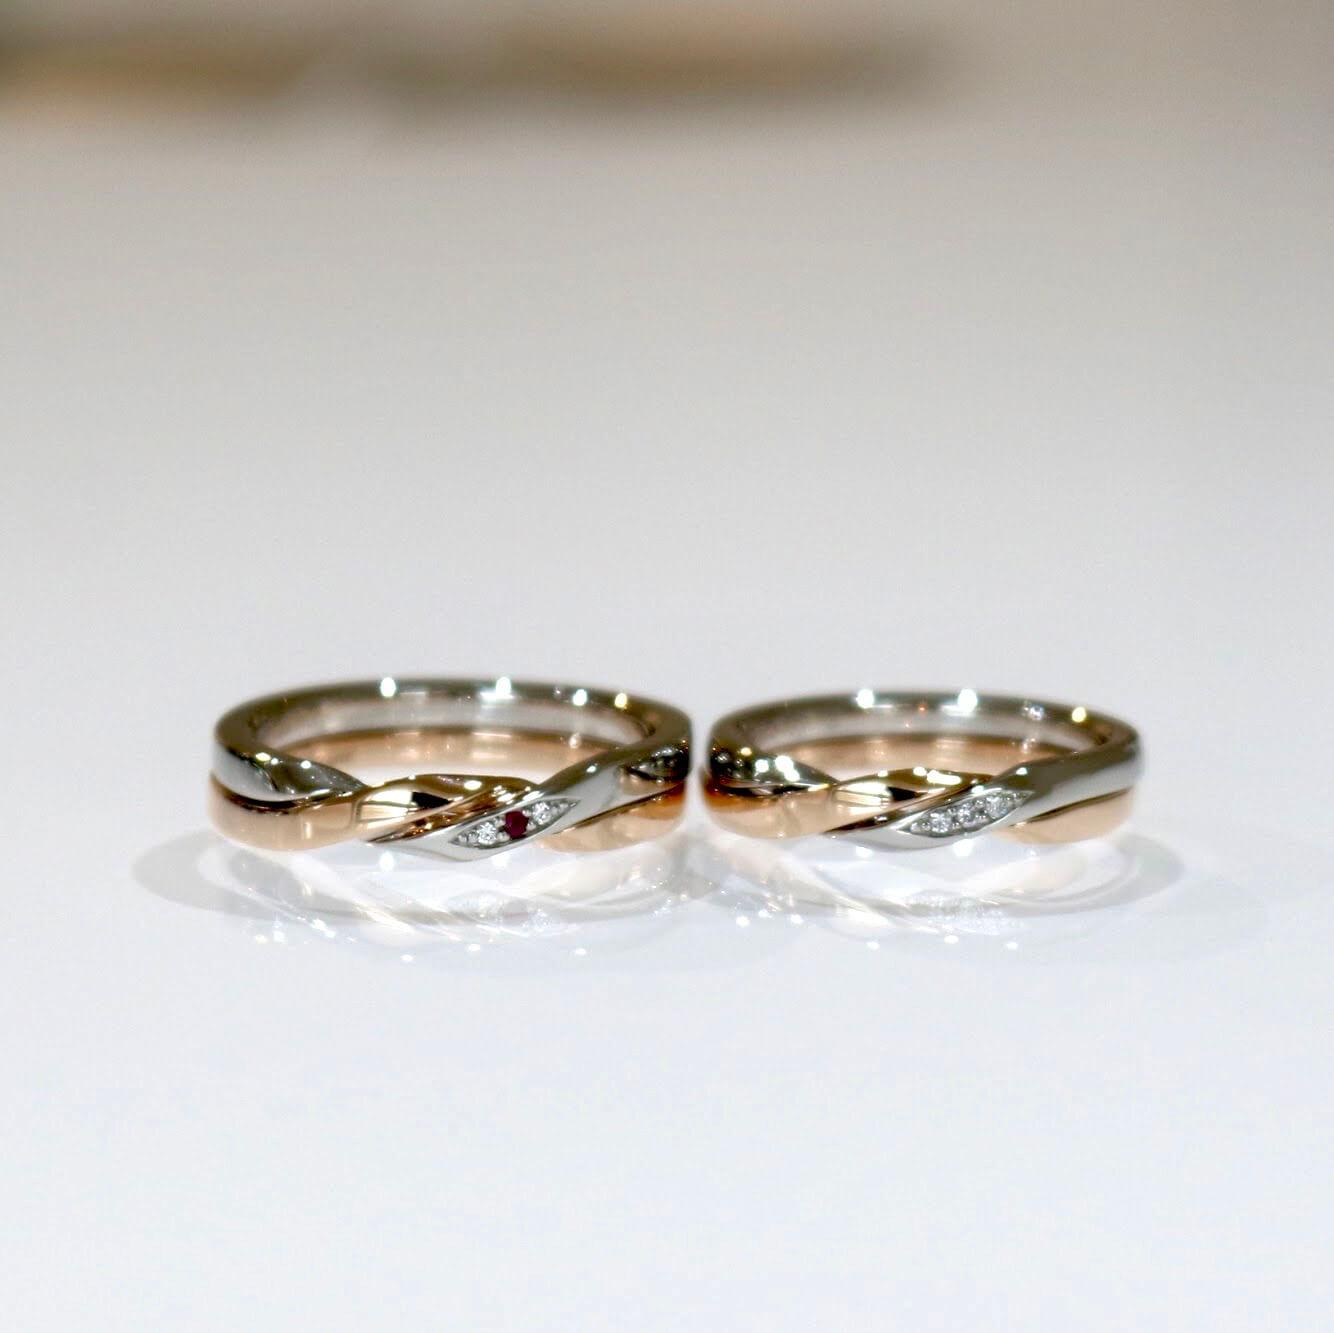 個性的なデザインの結婚指輪|オーダーメイド実績の紹介